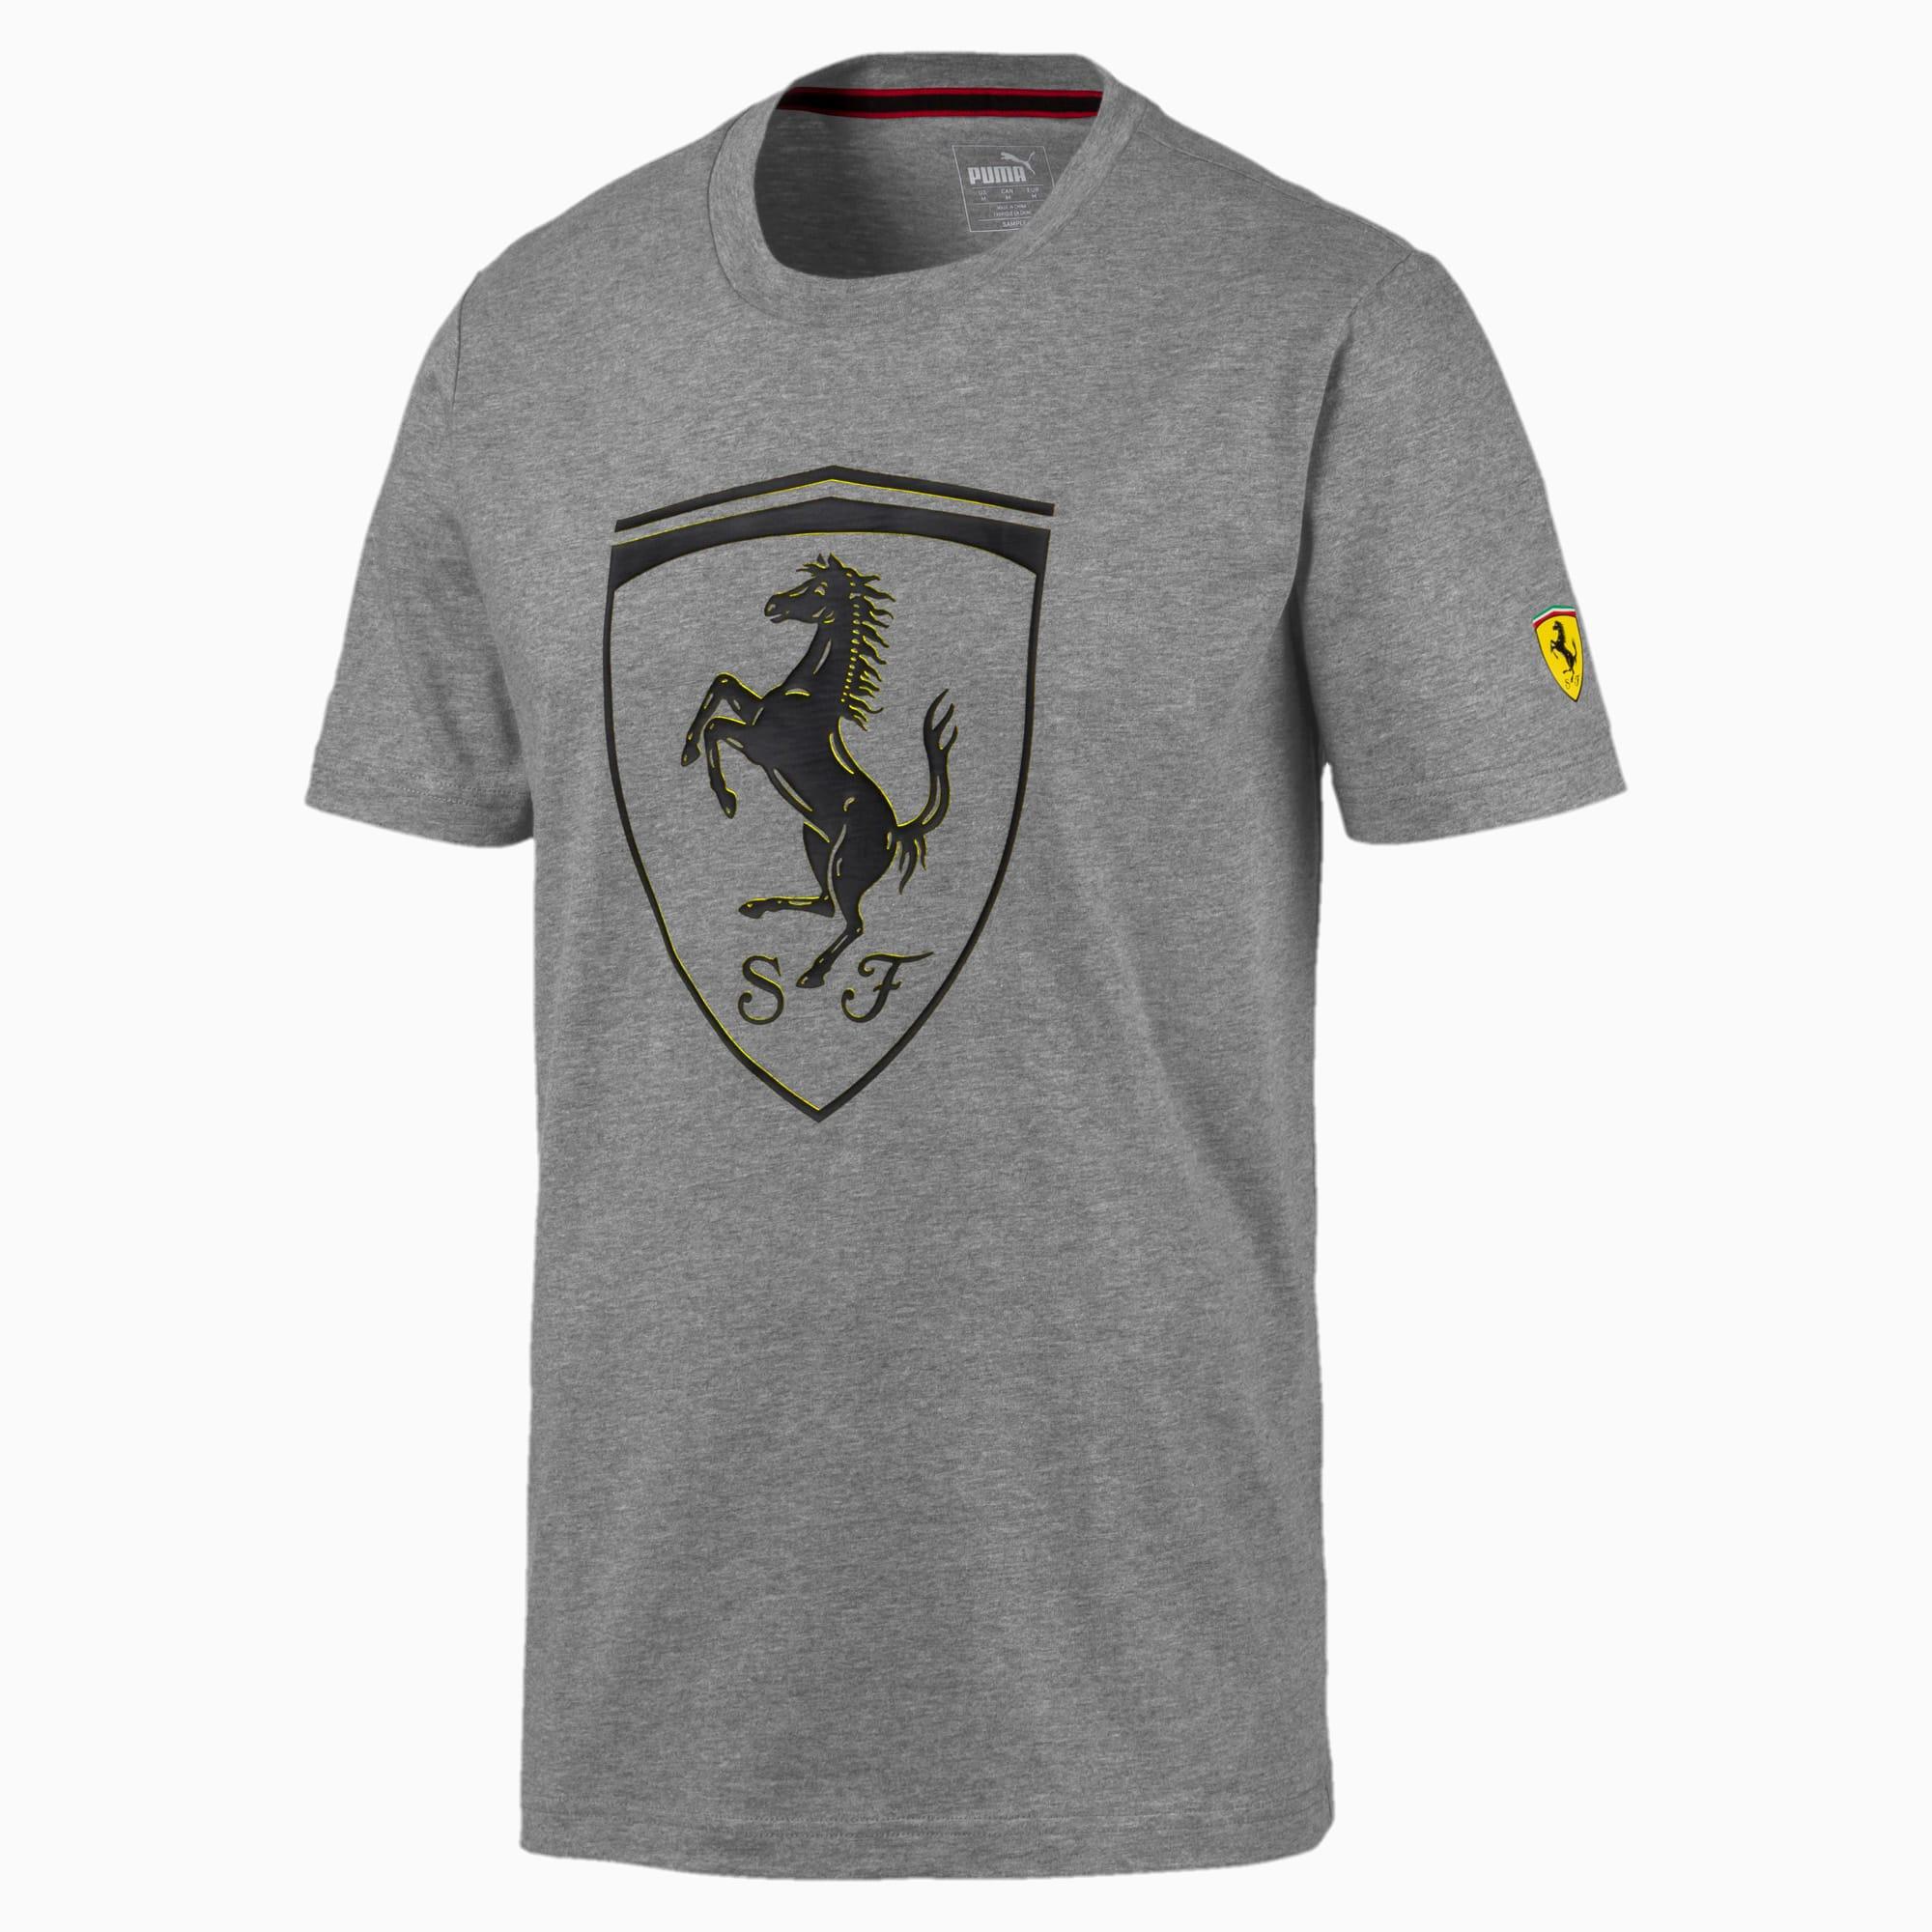 Ferrari Big Shield Herren T Shirt Puma Scuderia Ferrari Puma Deutschland